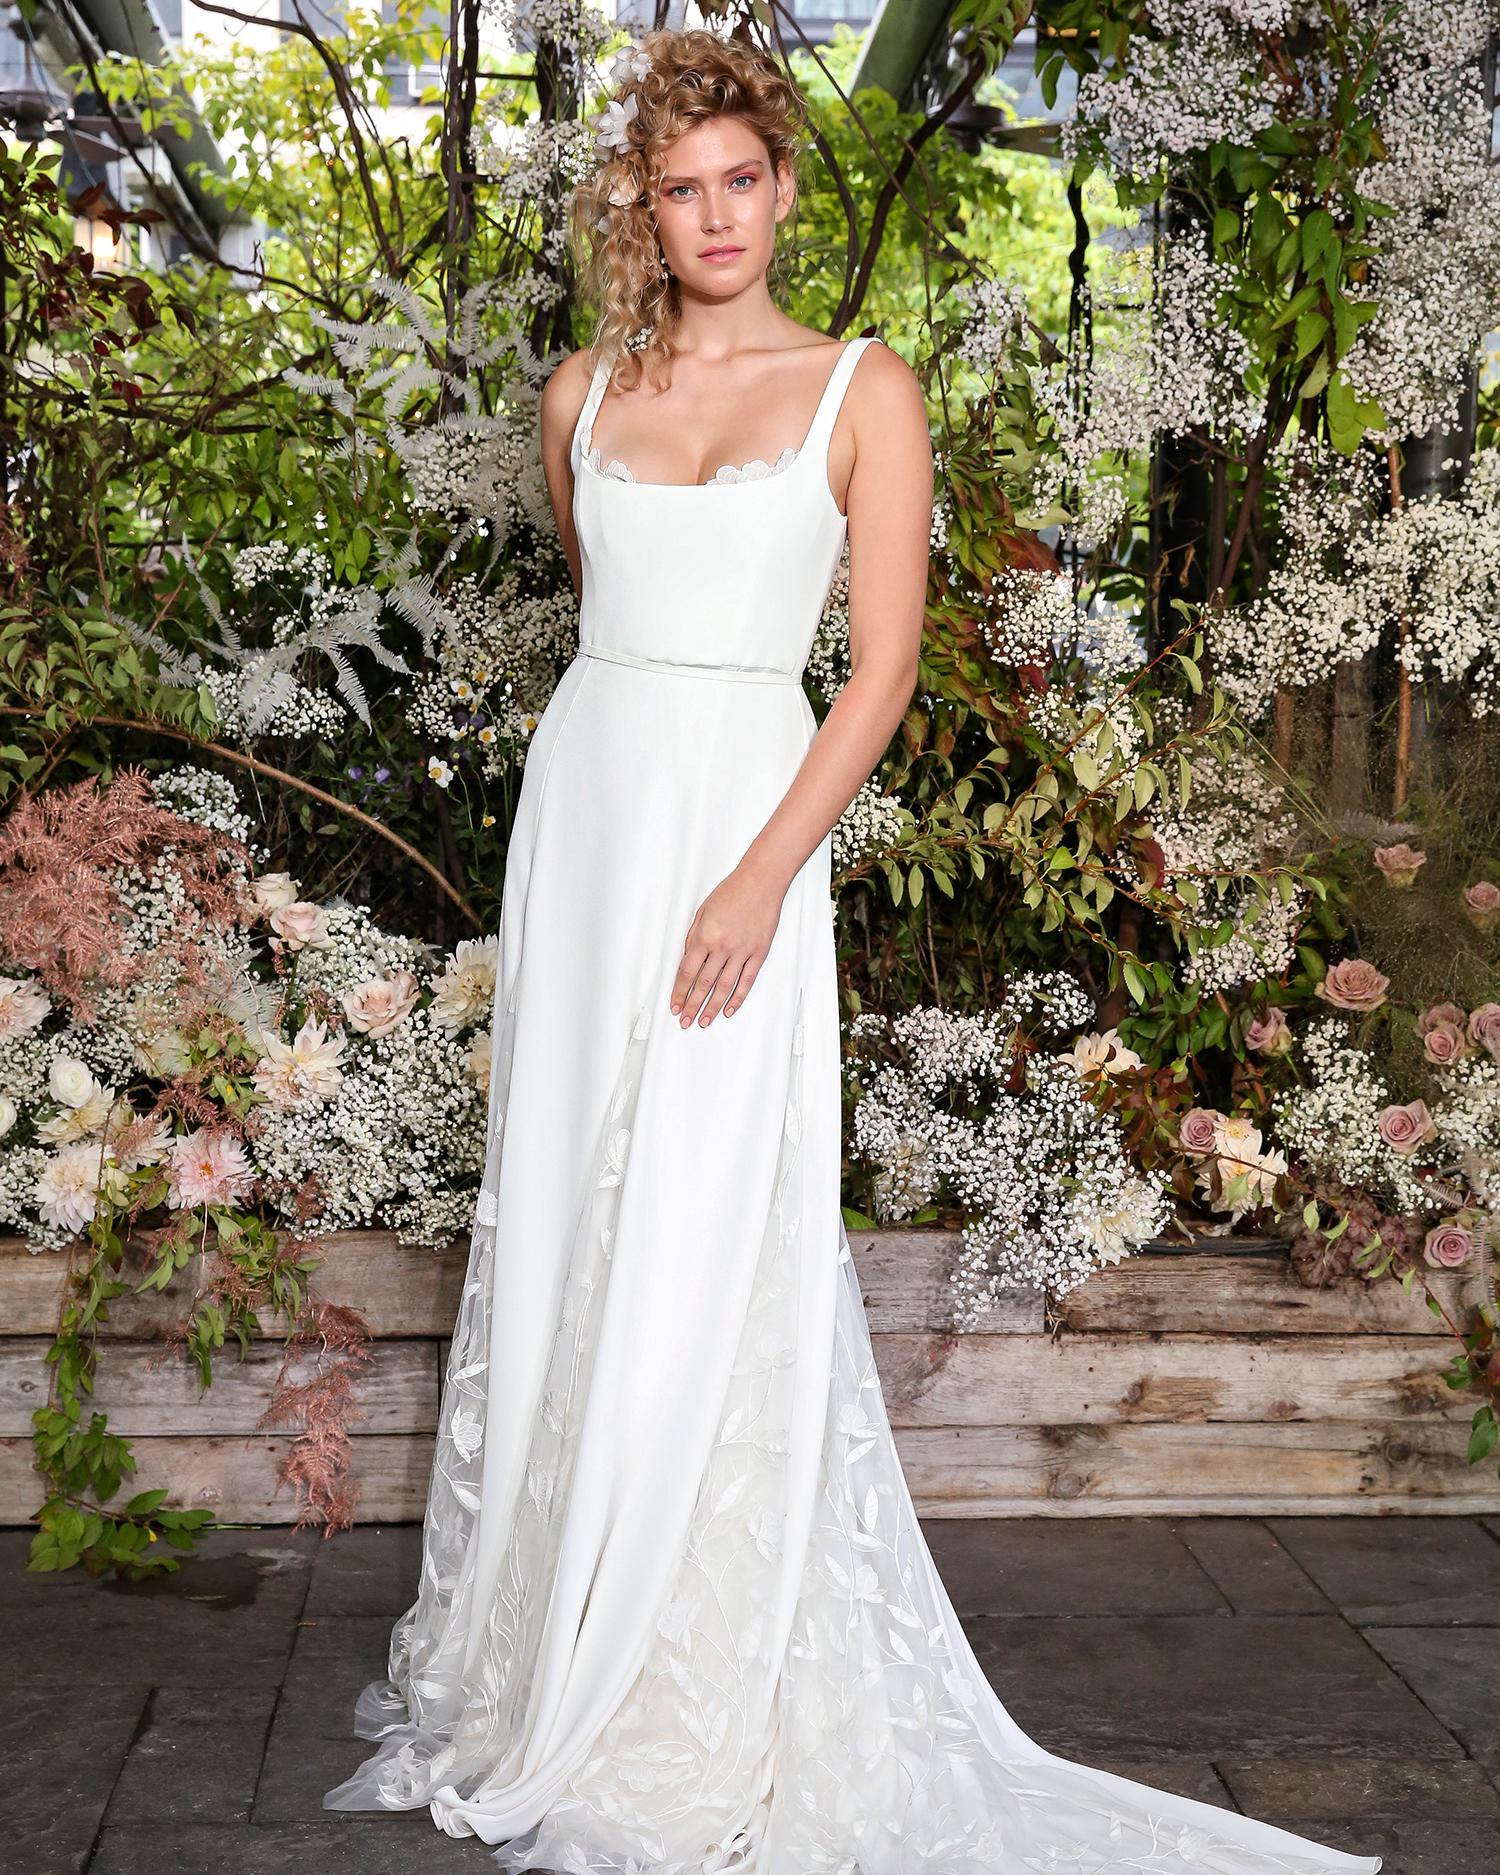 alexandra grecco wedding dress peekaboo bust details and belt